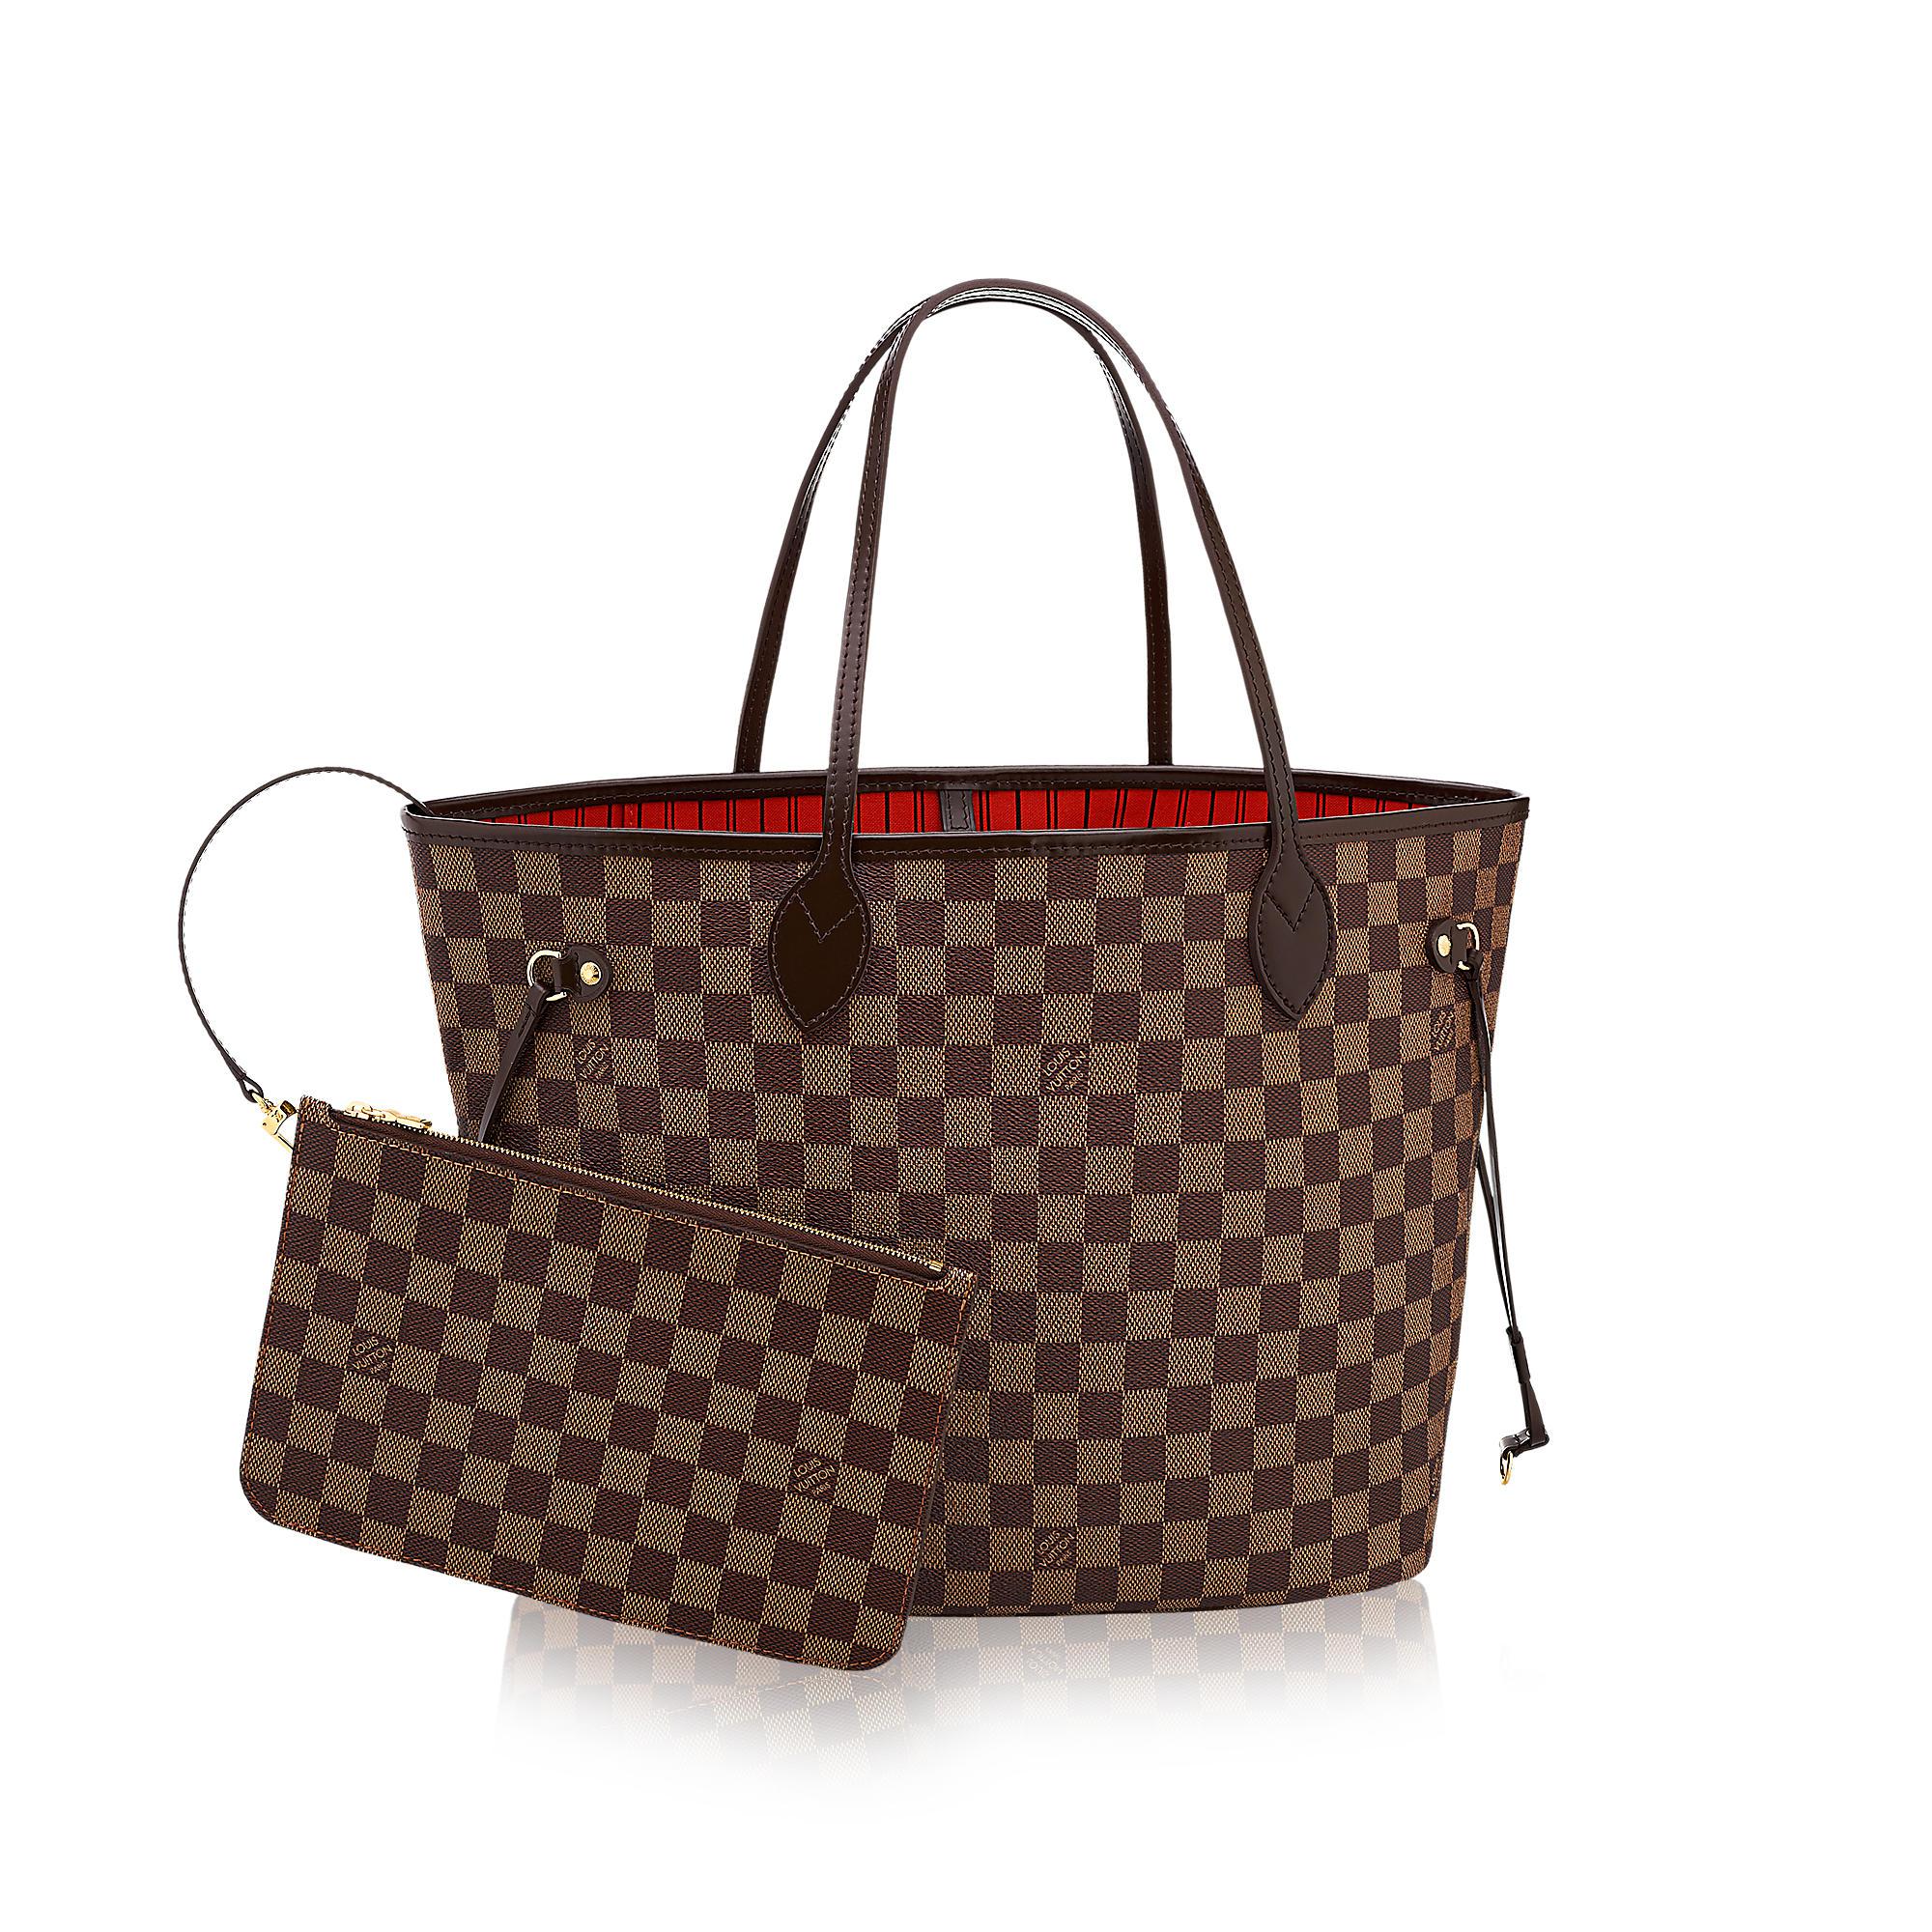 Fake Louis Vuitton Handbags Replica Handbags Replica Purse ...